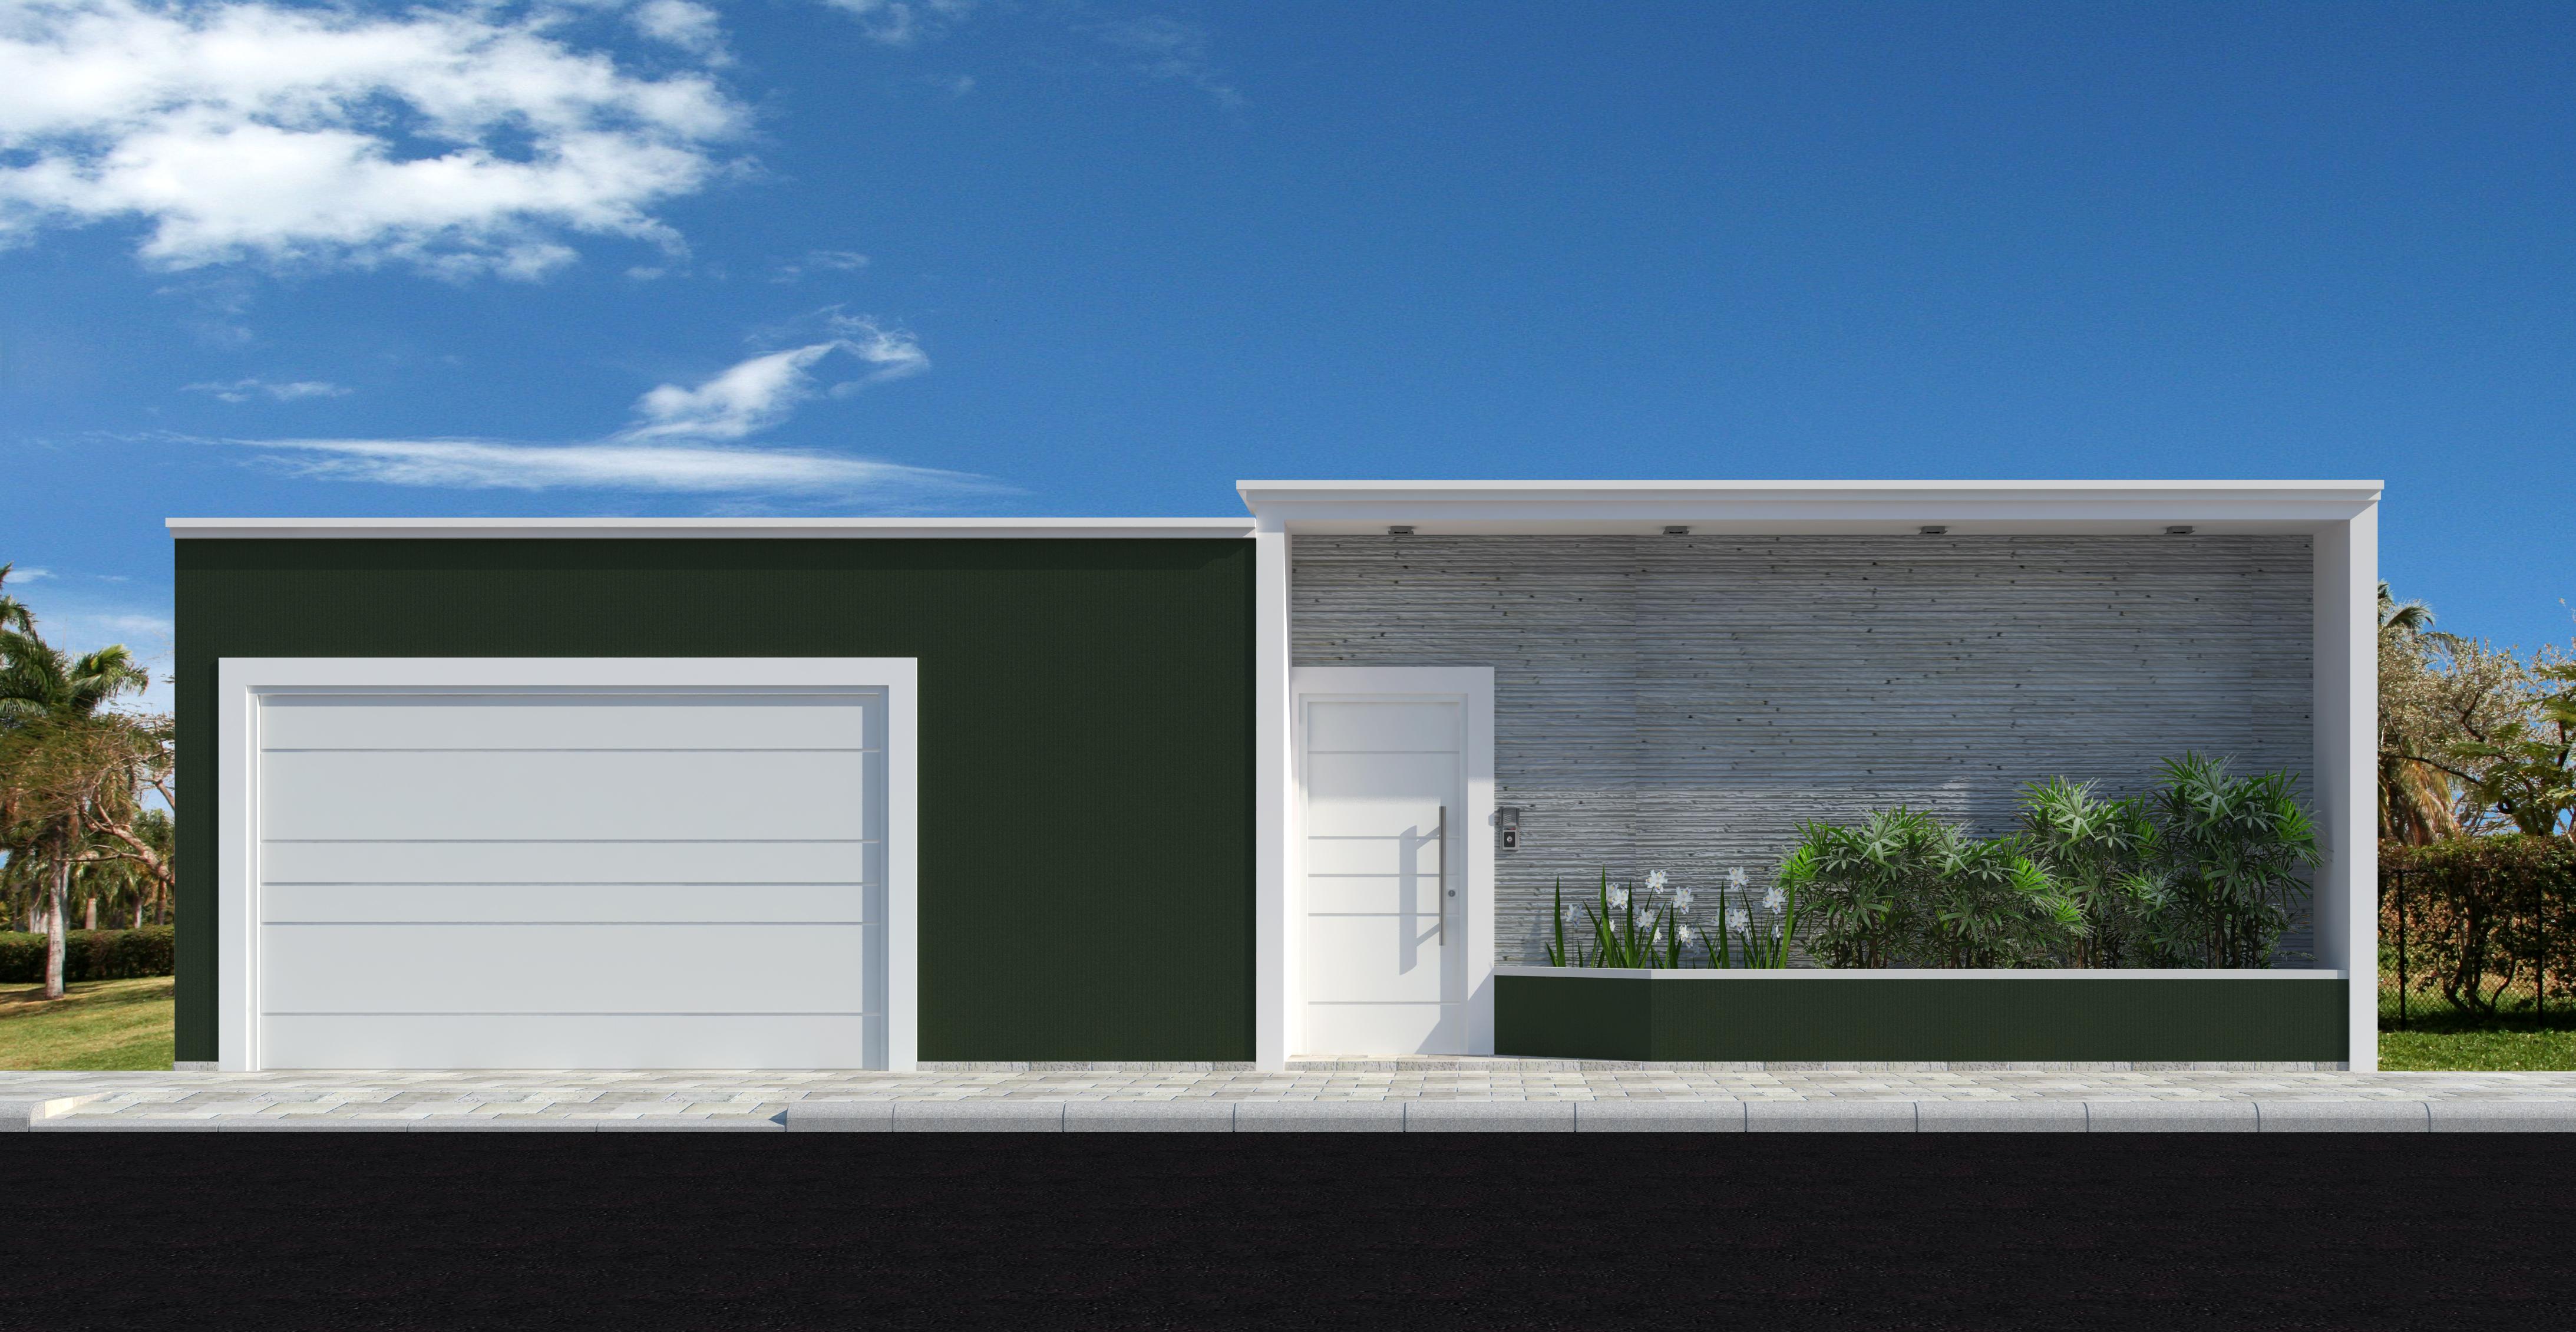 49 modelos de muros e fachadas residenciais for Modelos de fachadas de casas